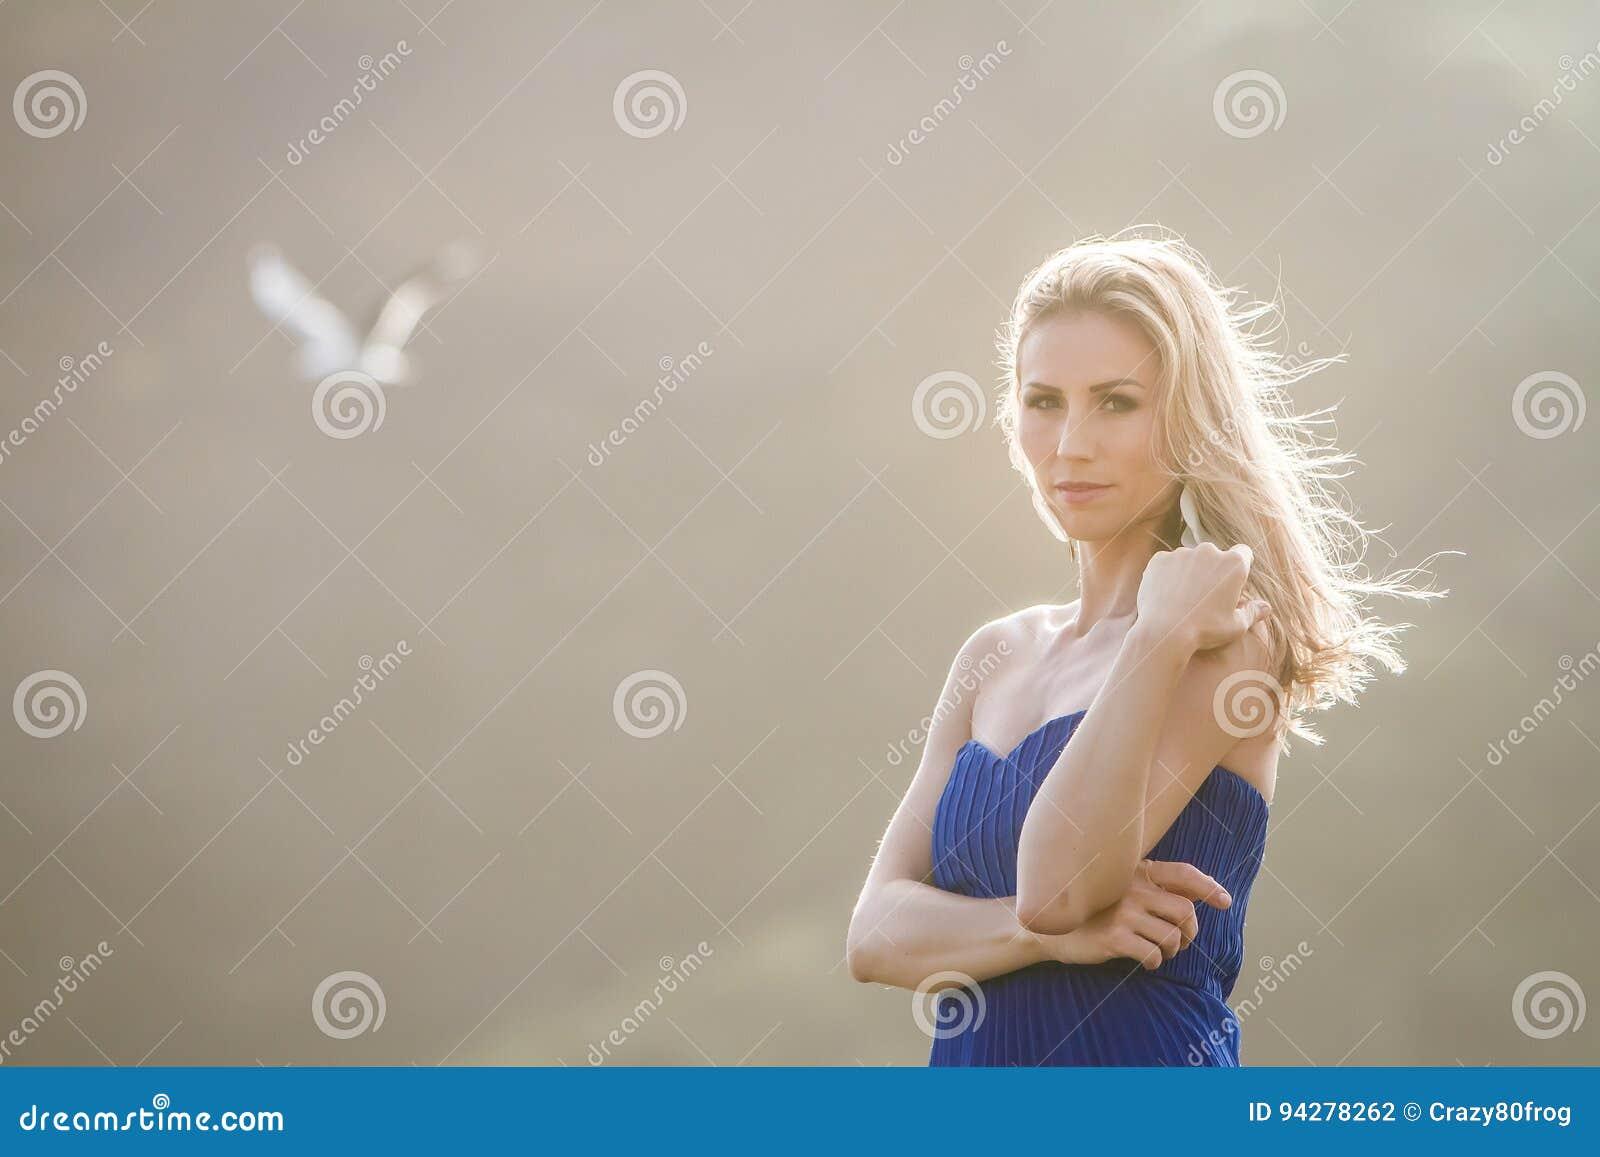 Υπαίθριο πορτρέτο της νέας όμορφης γυναίκας στην μπλε εσθήτα που θέτει επάνω